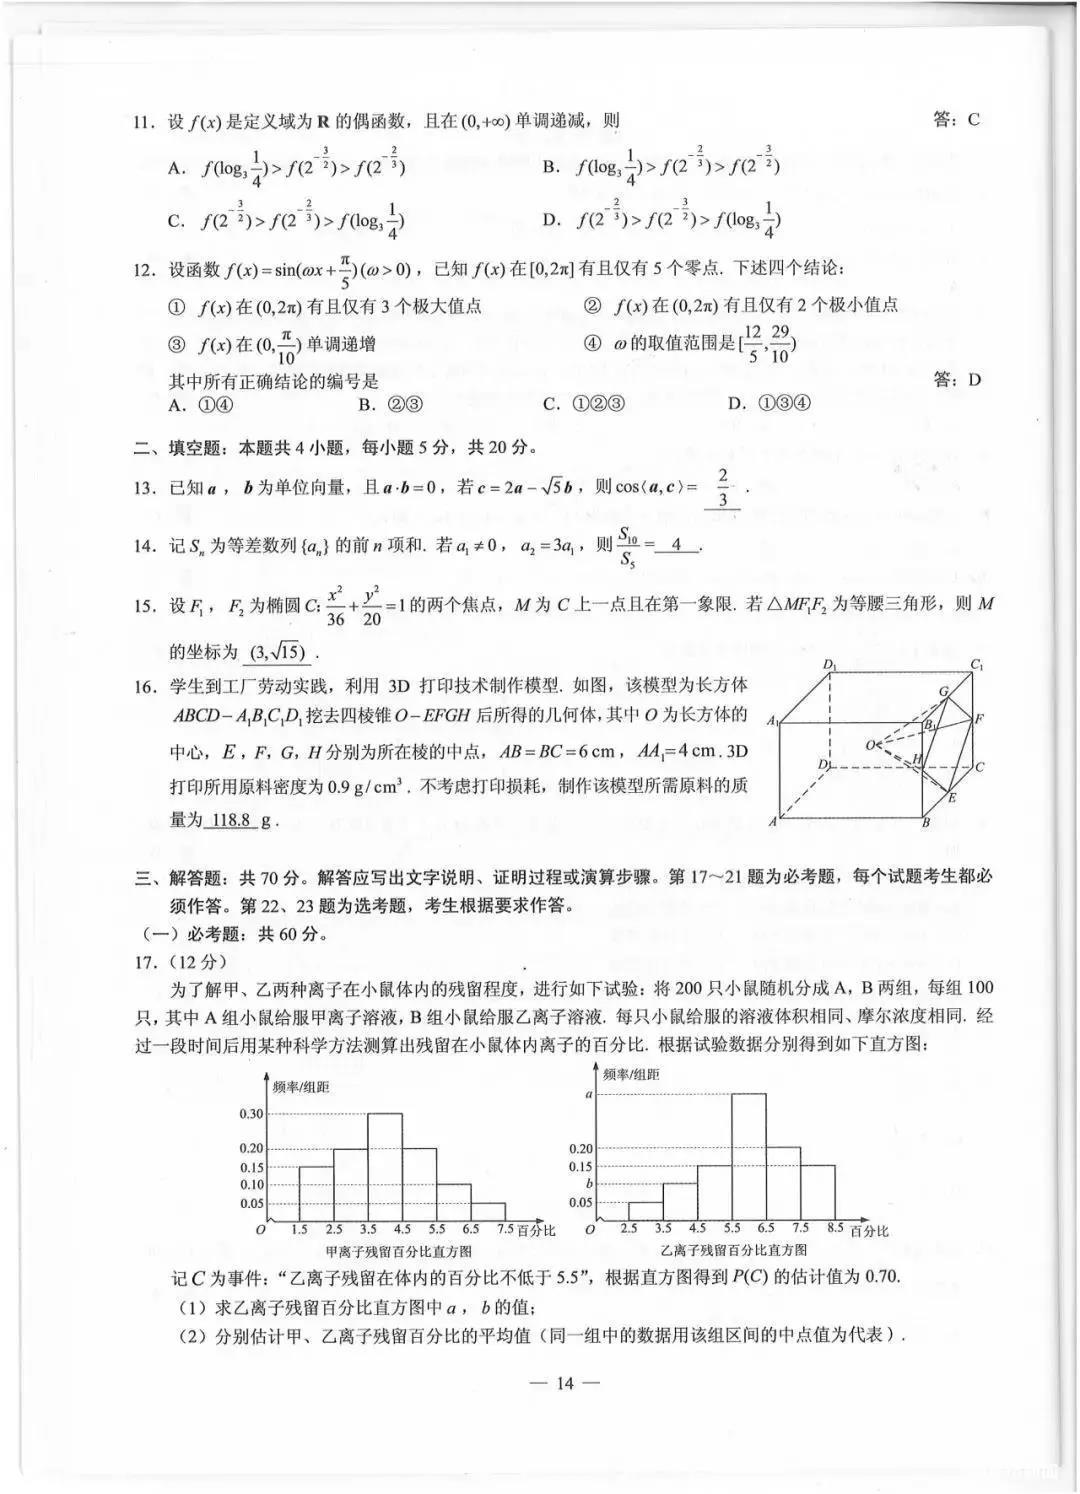 5年高考3年模拟英语_2019年全国III卷数学理科试题(图片版)(2)_高考网